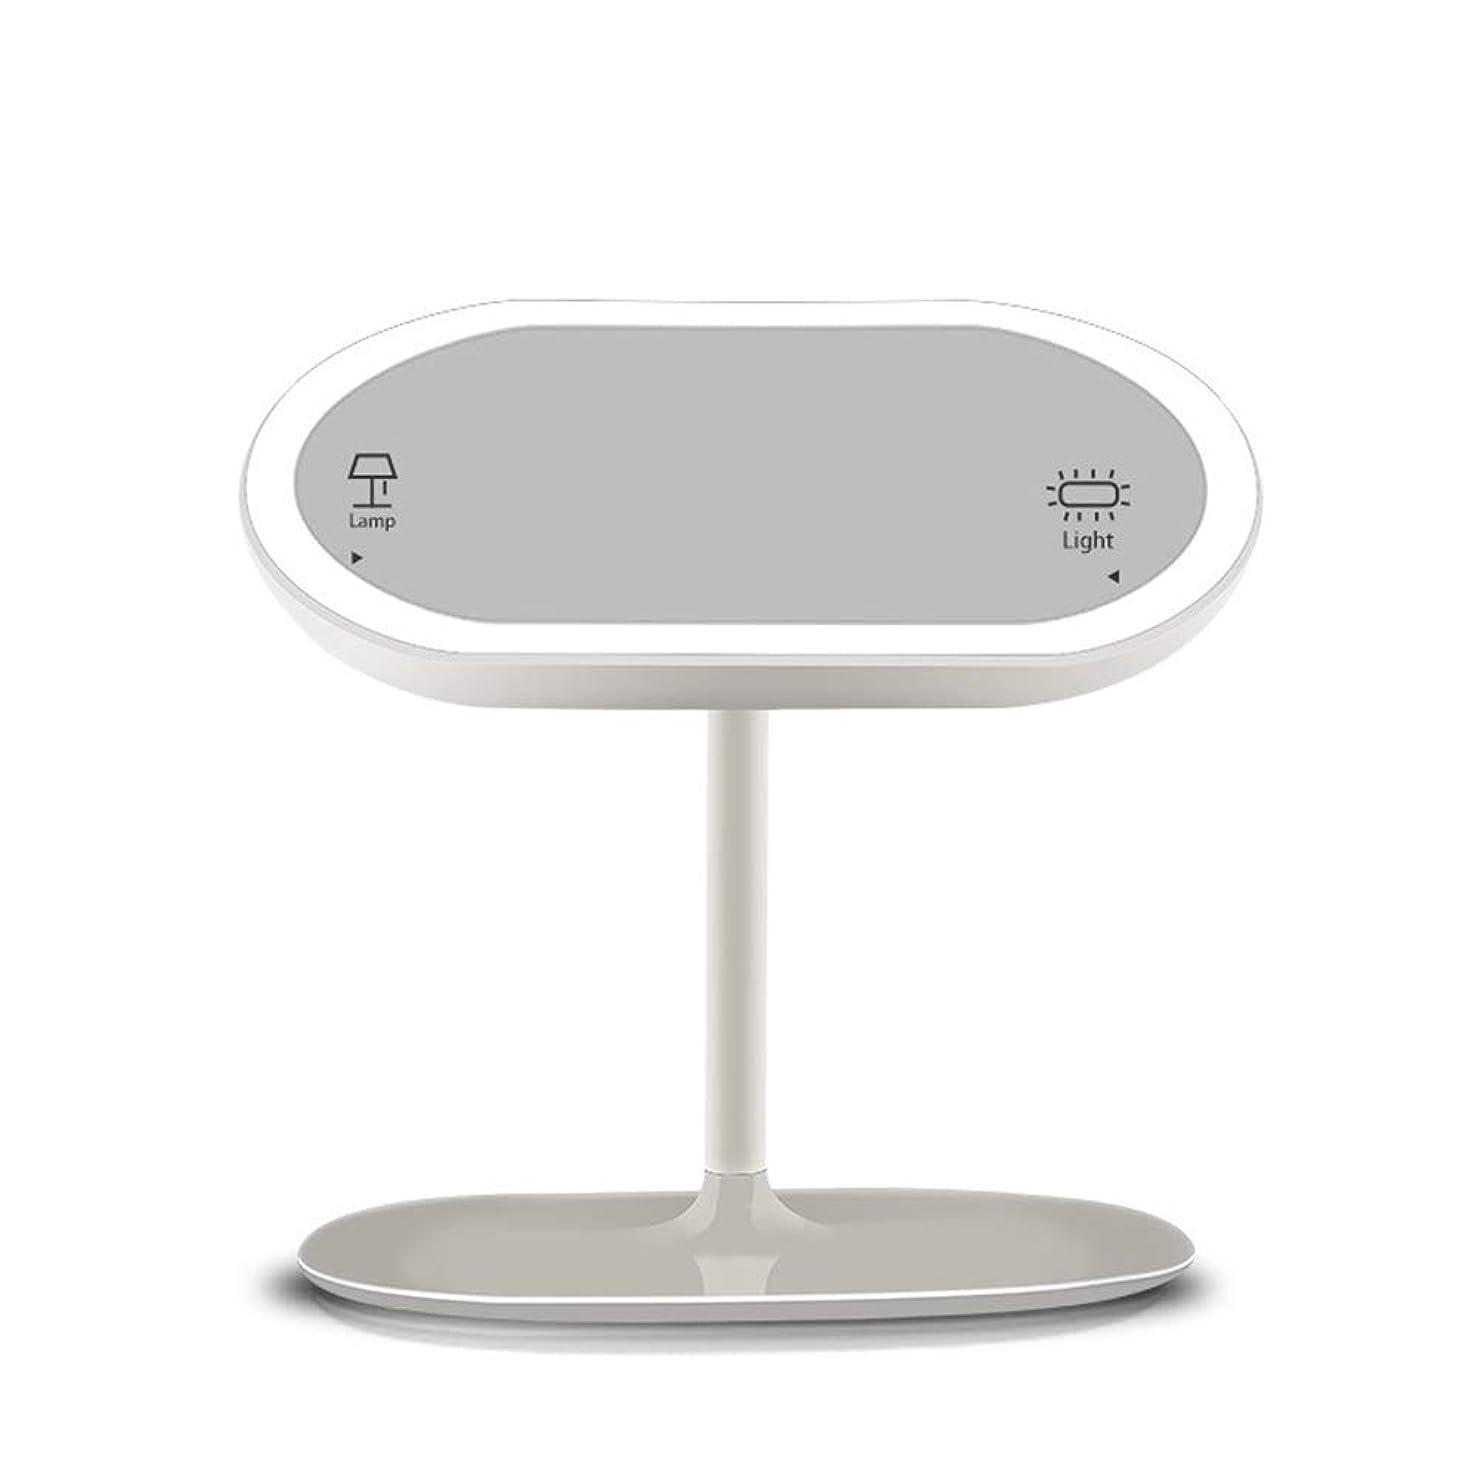 関係ない手綱シェトランド諸島ミラーライト化粧鏡クリエイティブデスクトップledライトインテリジェント充電ミラー別センサーミラーポータブルベルト